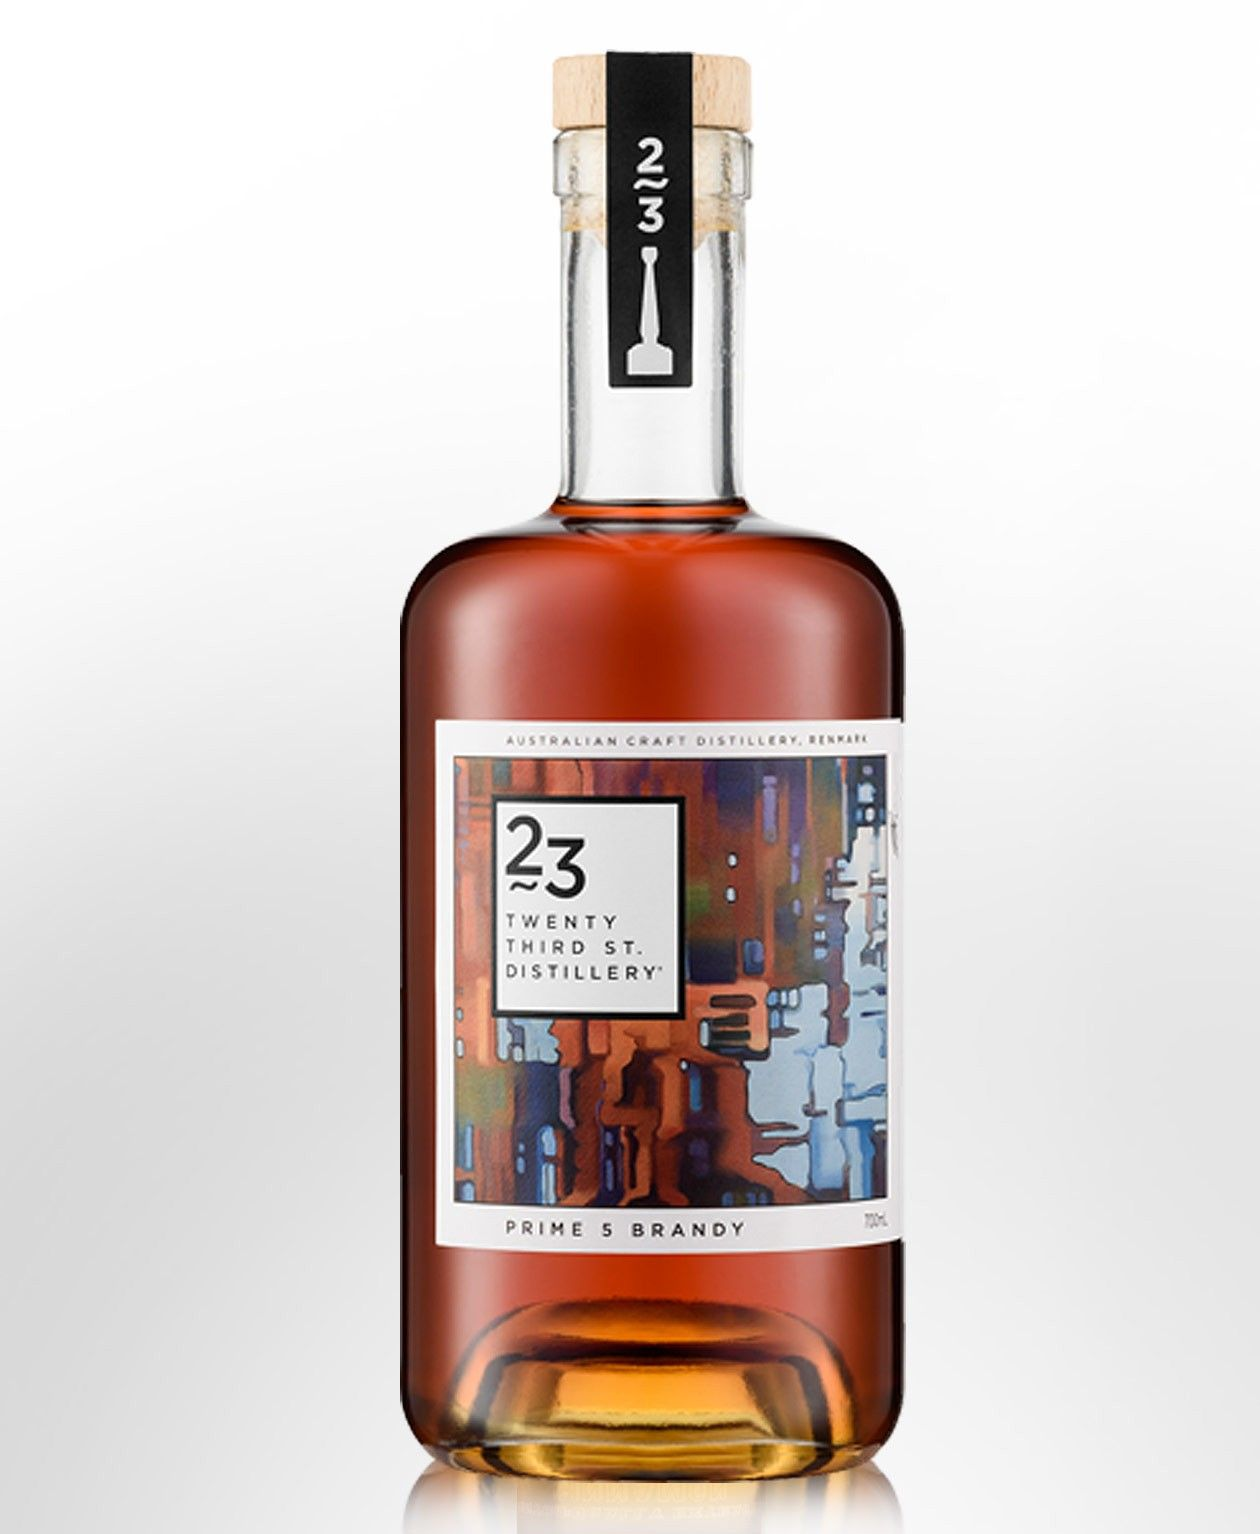 23rd Street Distillery Prime 5 Brandy 700ml Brandy Bottle Brandy Liquor Bottle Packaging